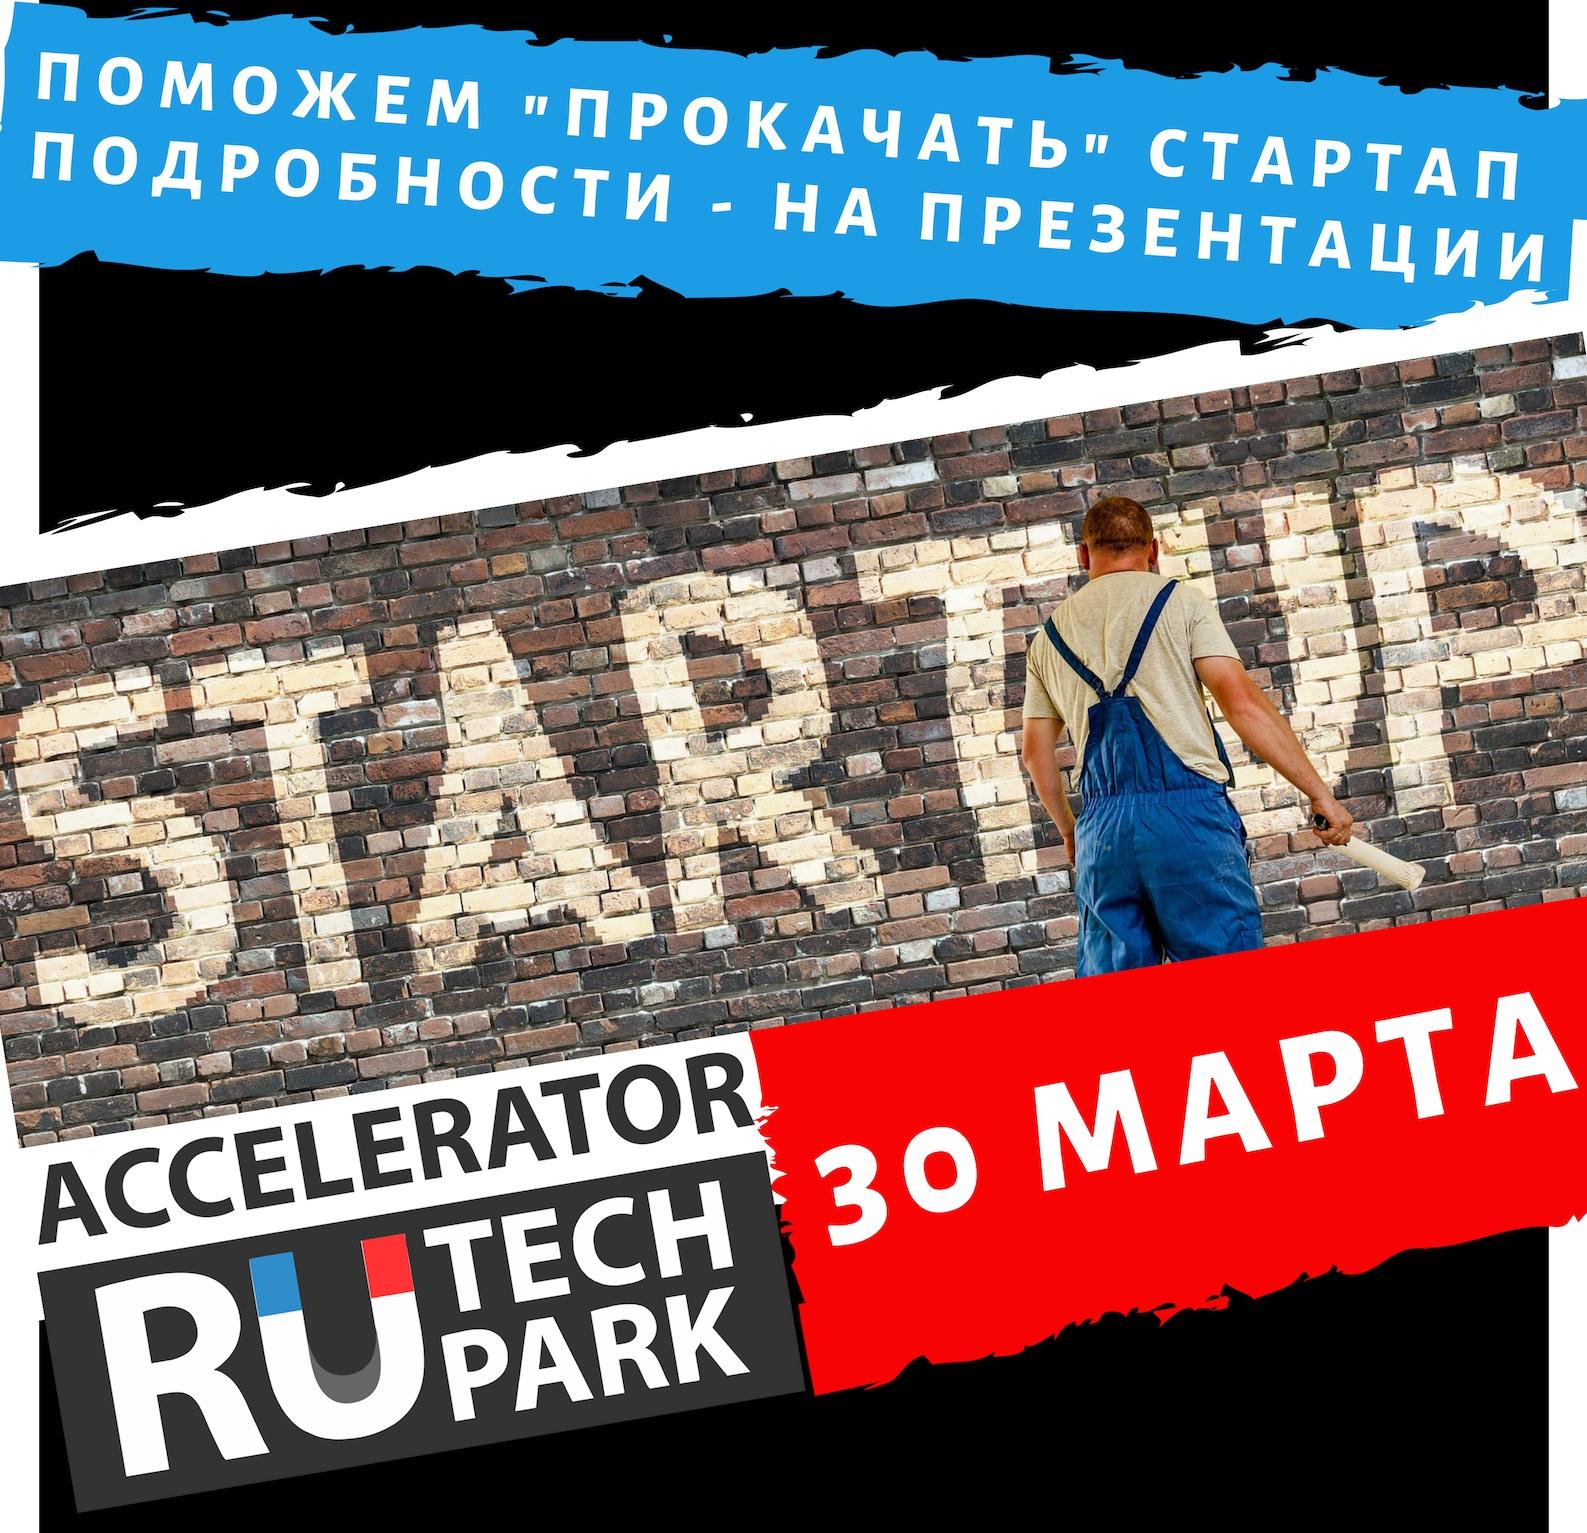 Предприниматели Приморья могут успеть подать заявки в первый Акселератор технопарка «Русский» до 31 марта